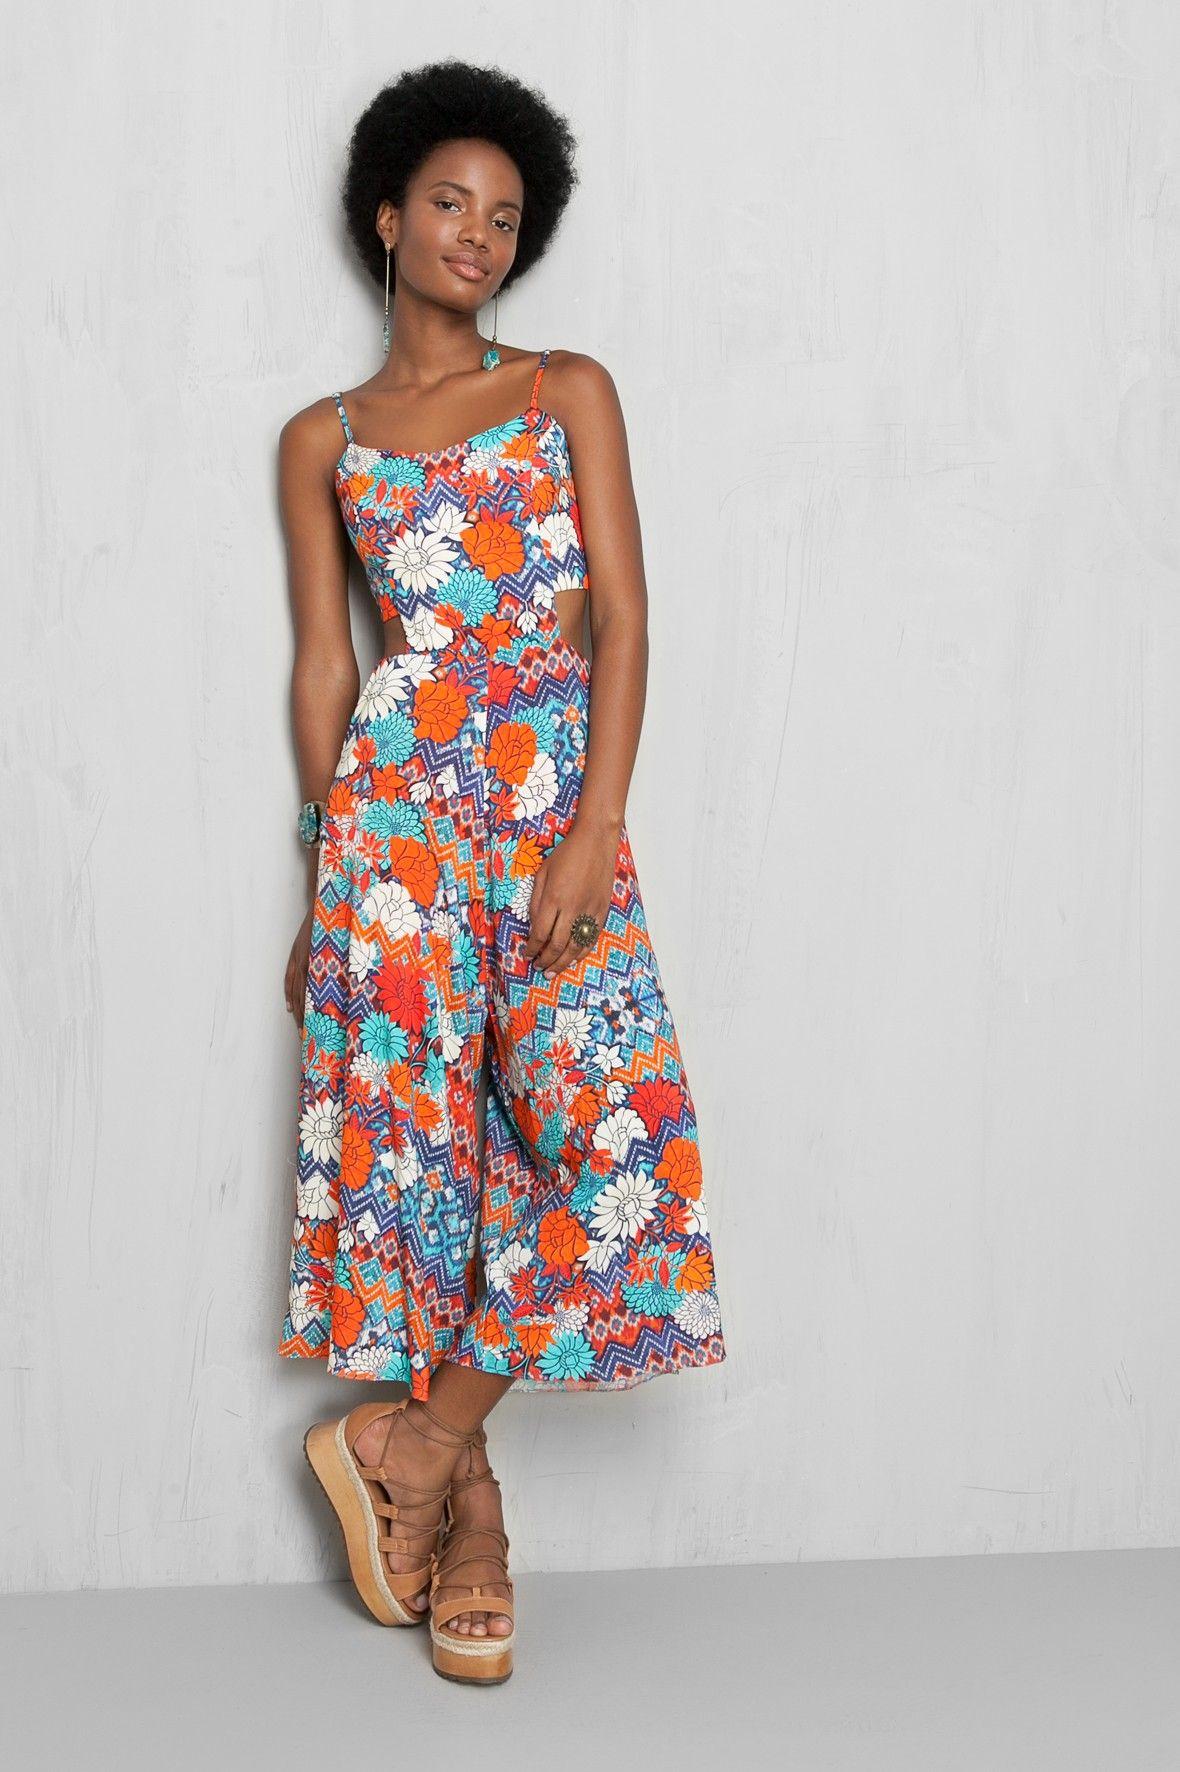 cdcf6af56 macacão pantacourt estampado kawaii | Dress to | Coisas para usar de ...